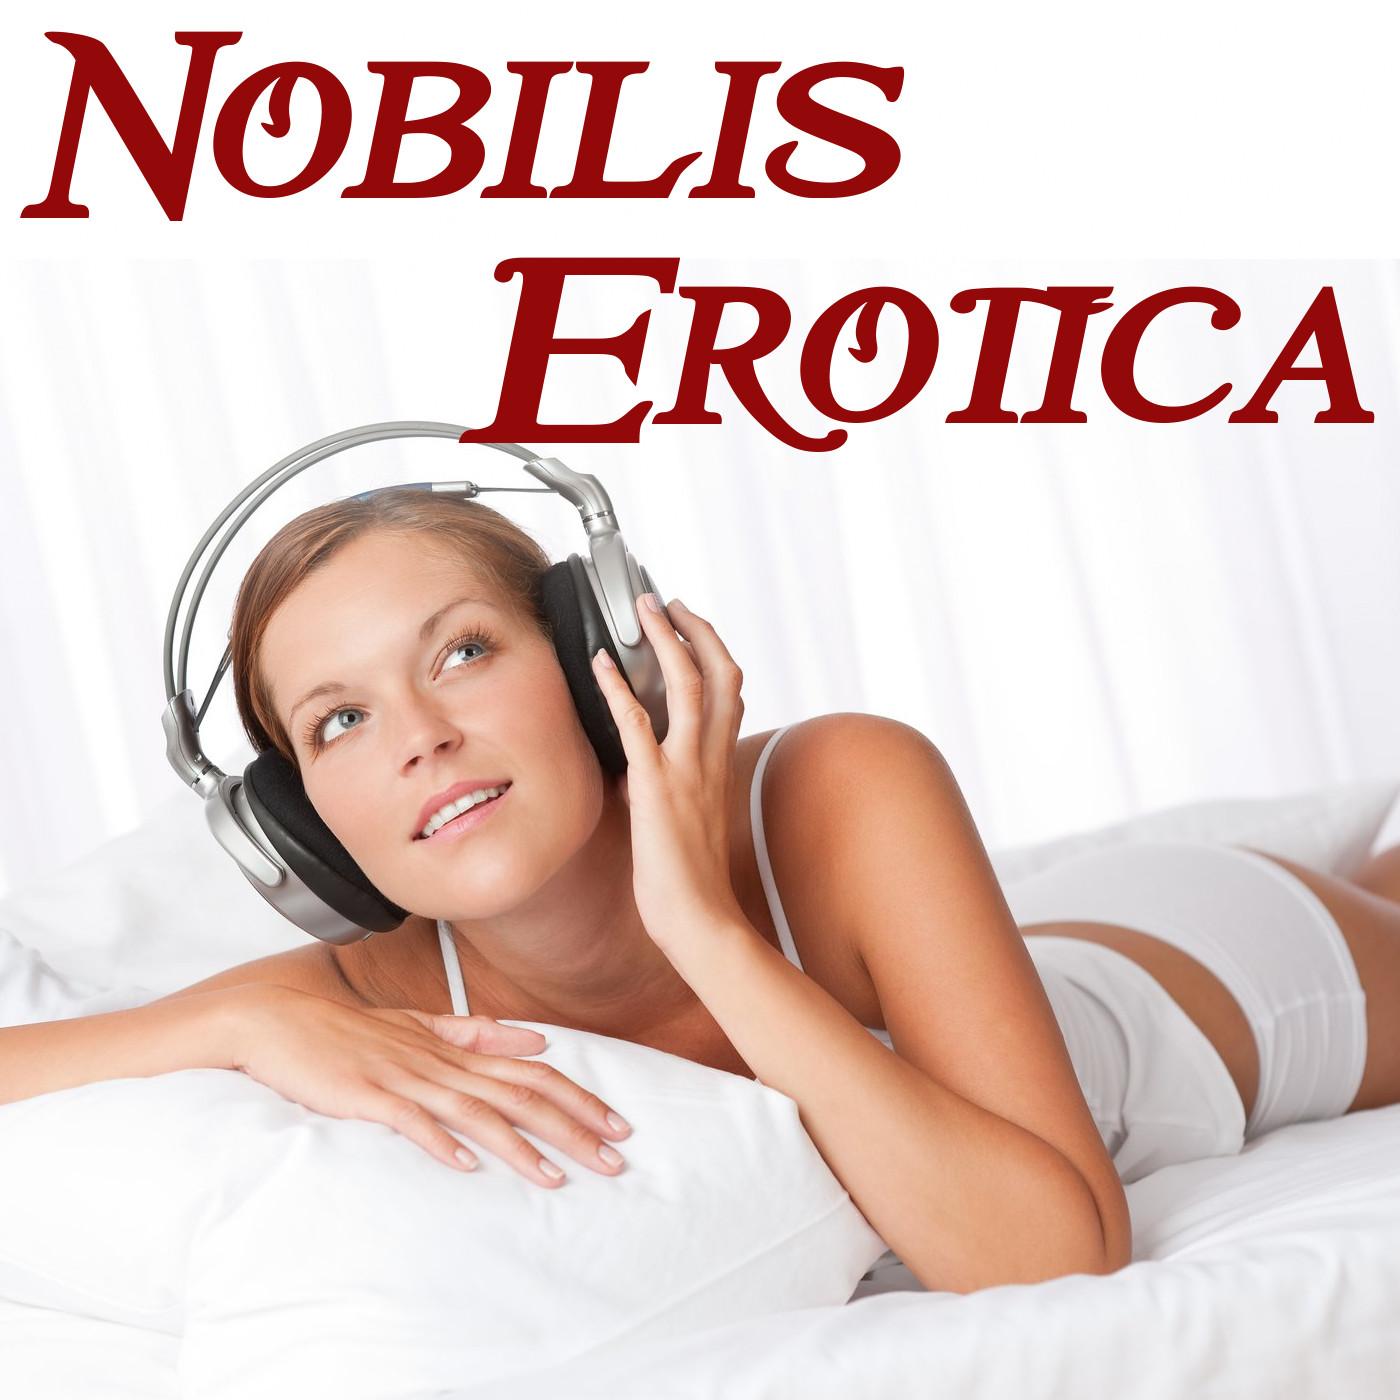 Artwork for Nobilis Erotica 2015